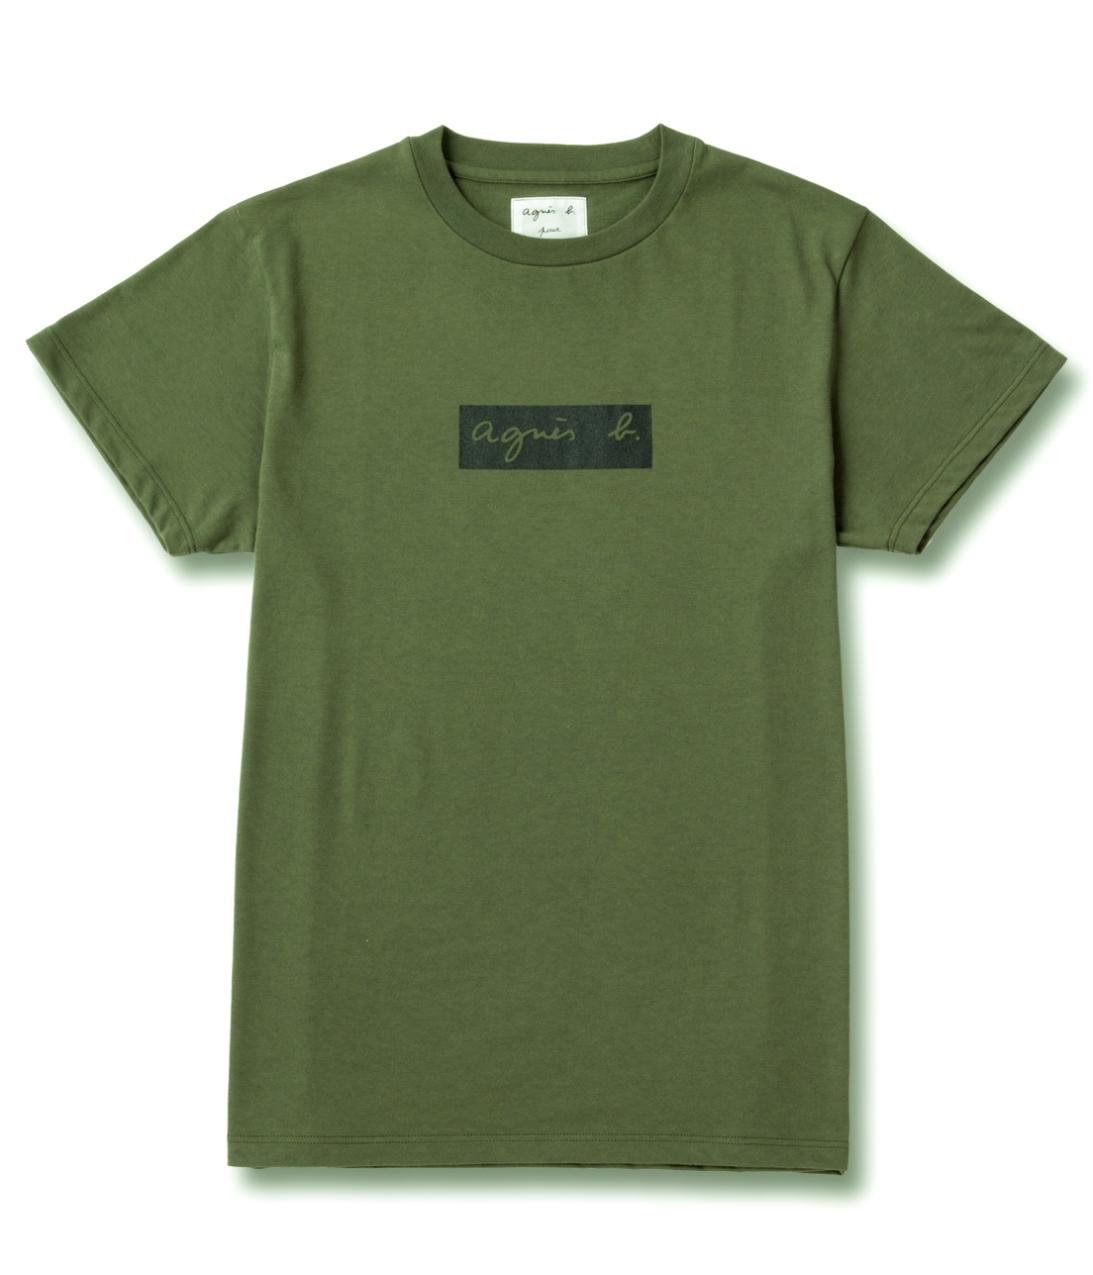 ADAM ET ROPÉがagnès b.とコラボレーション。ロゴをポイントにしたTシャツを発売。_1_3-3